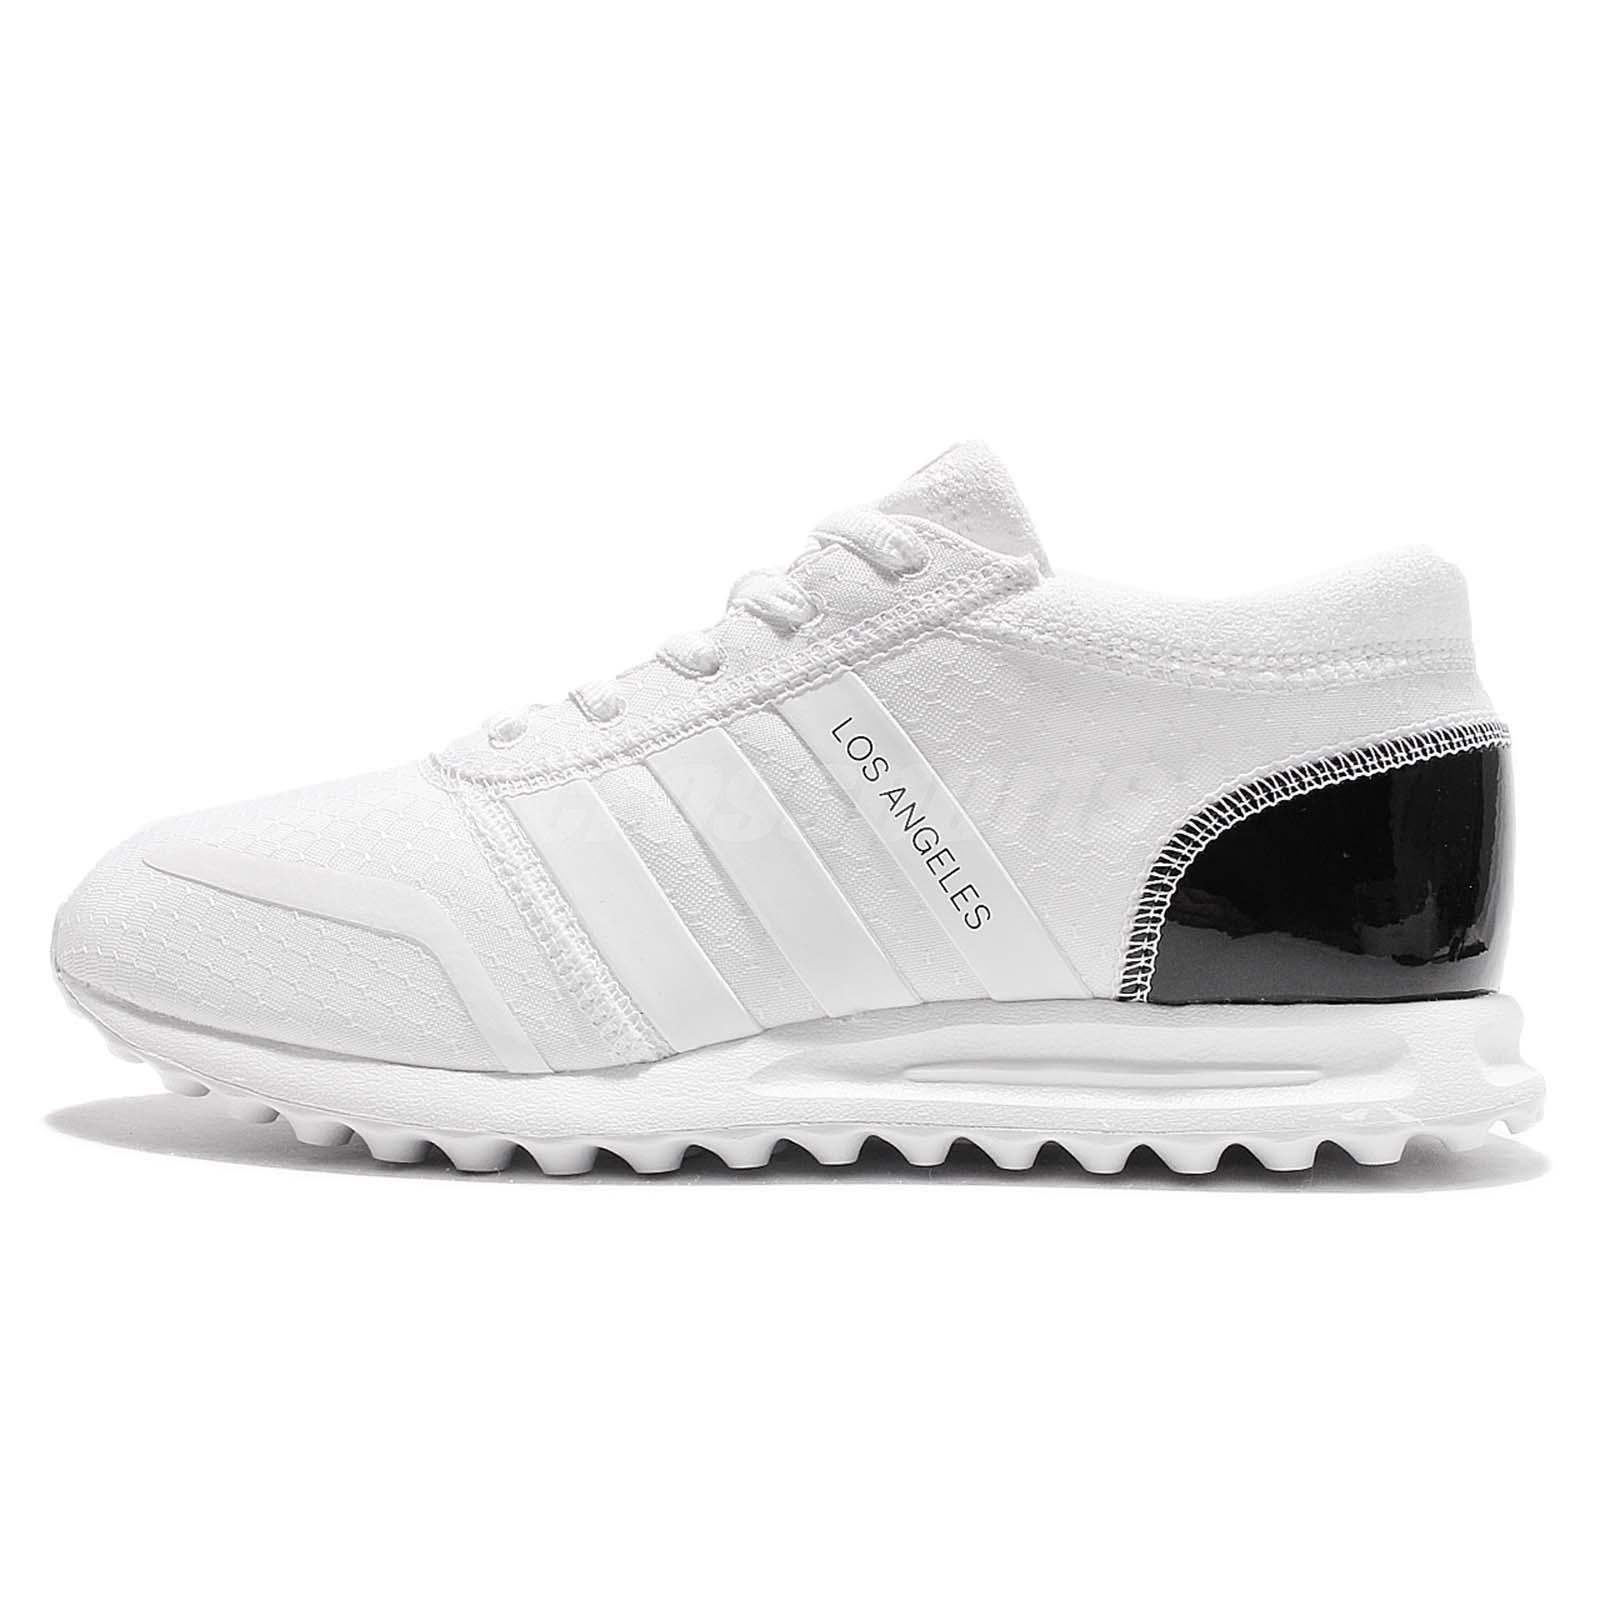 adidas originali los angeles w le donne di colore bianco scarpa da corsa, la